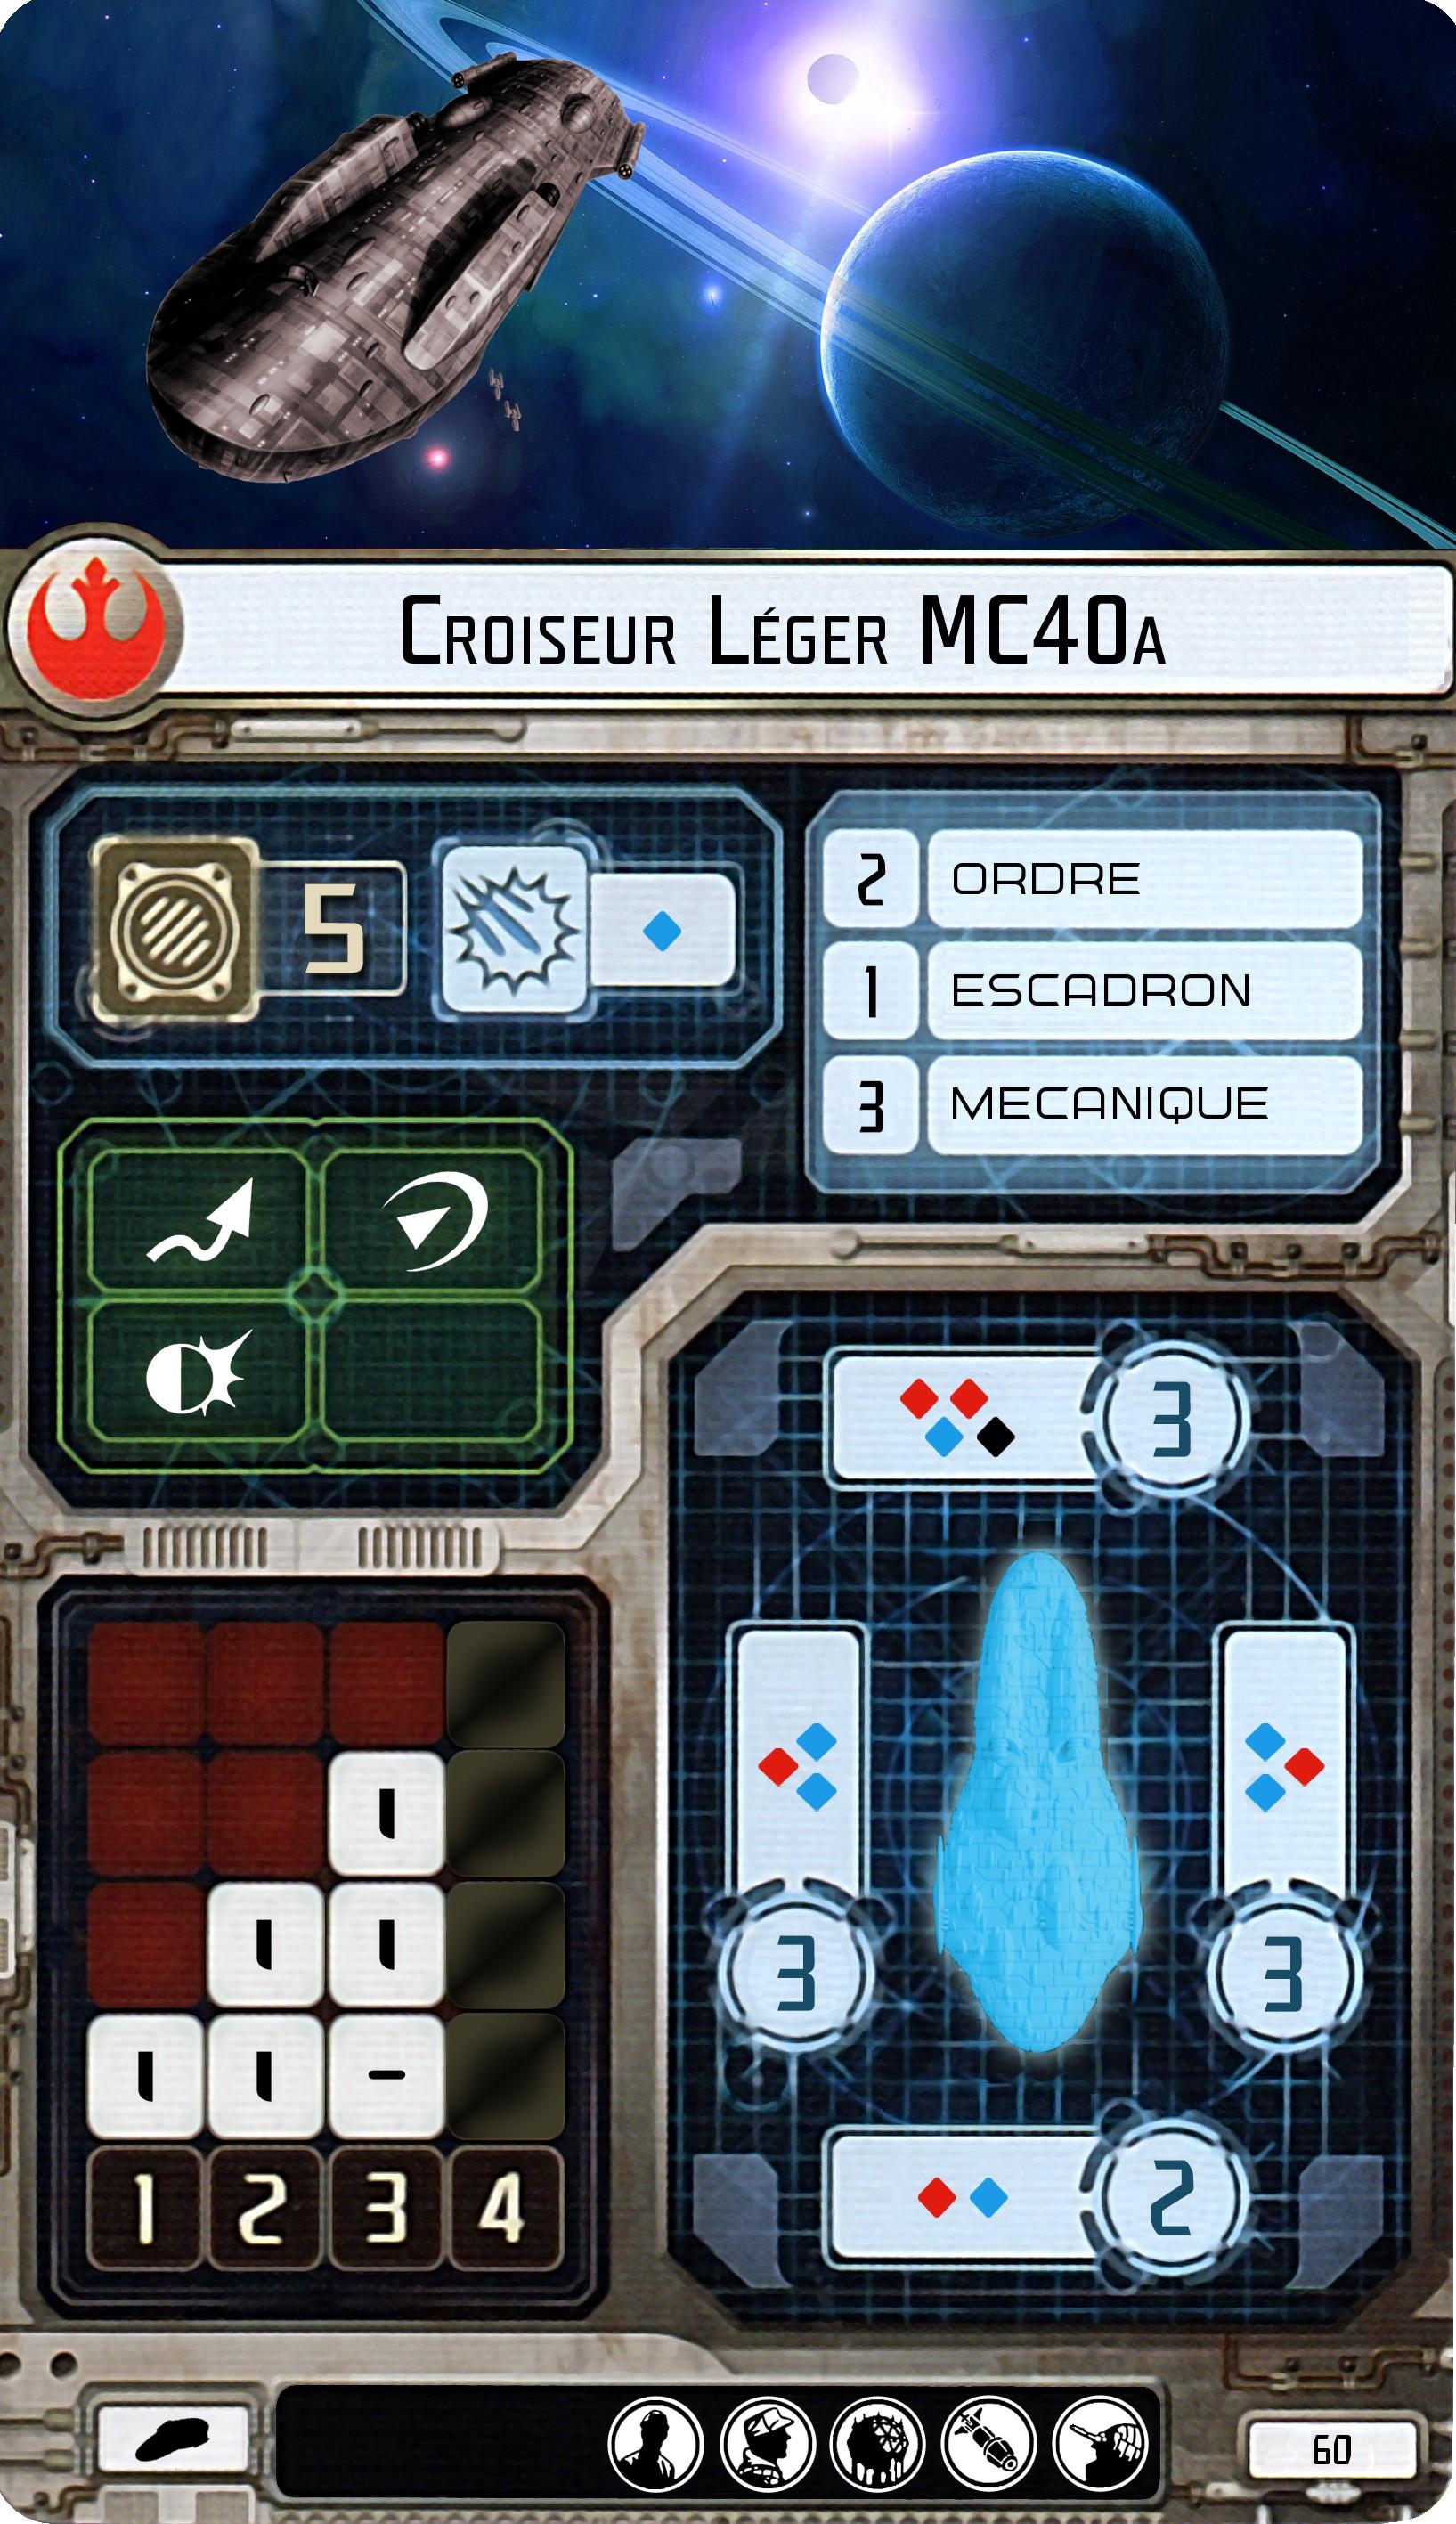 Croiseur léger MC40a